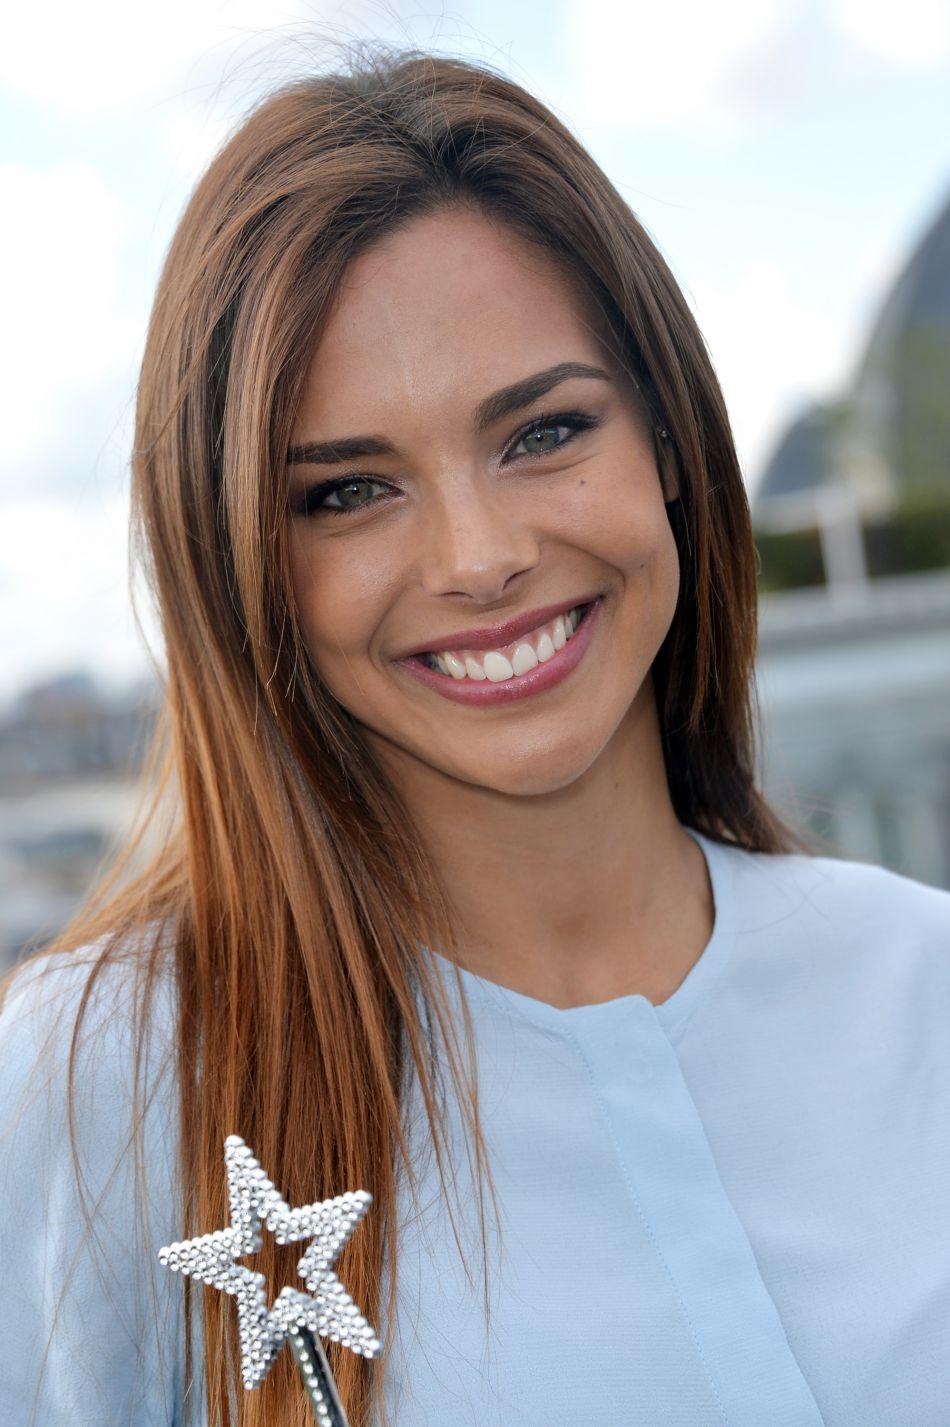 L'ex Miss Marine Lorphelin